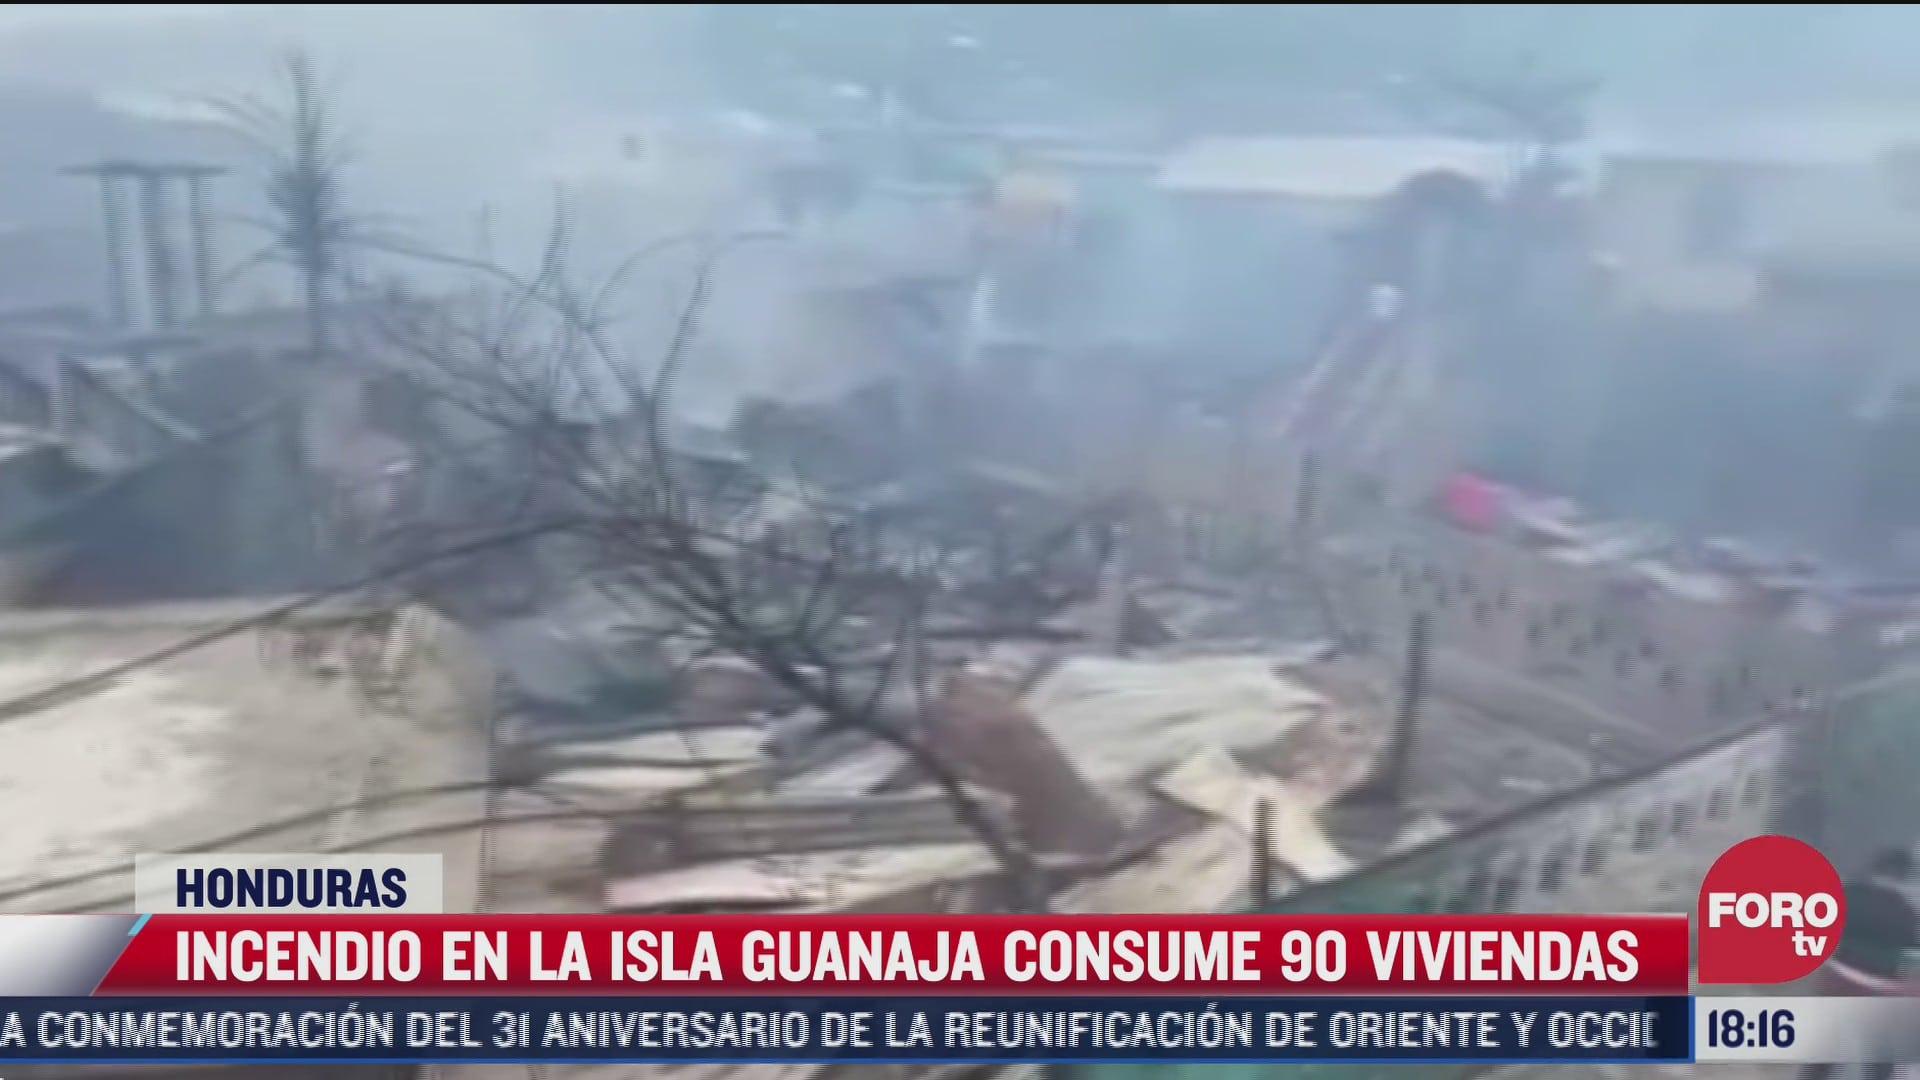 incendio en la isla guanaja consume 90 viviendas en honduras